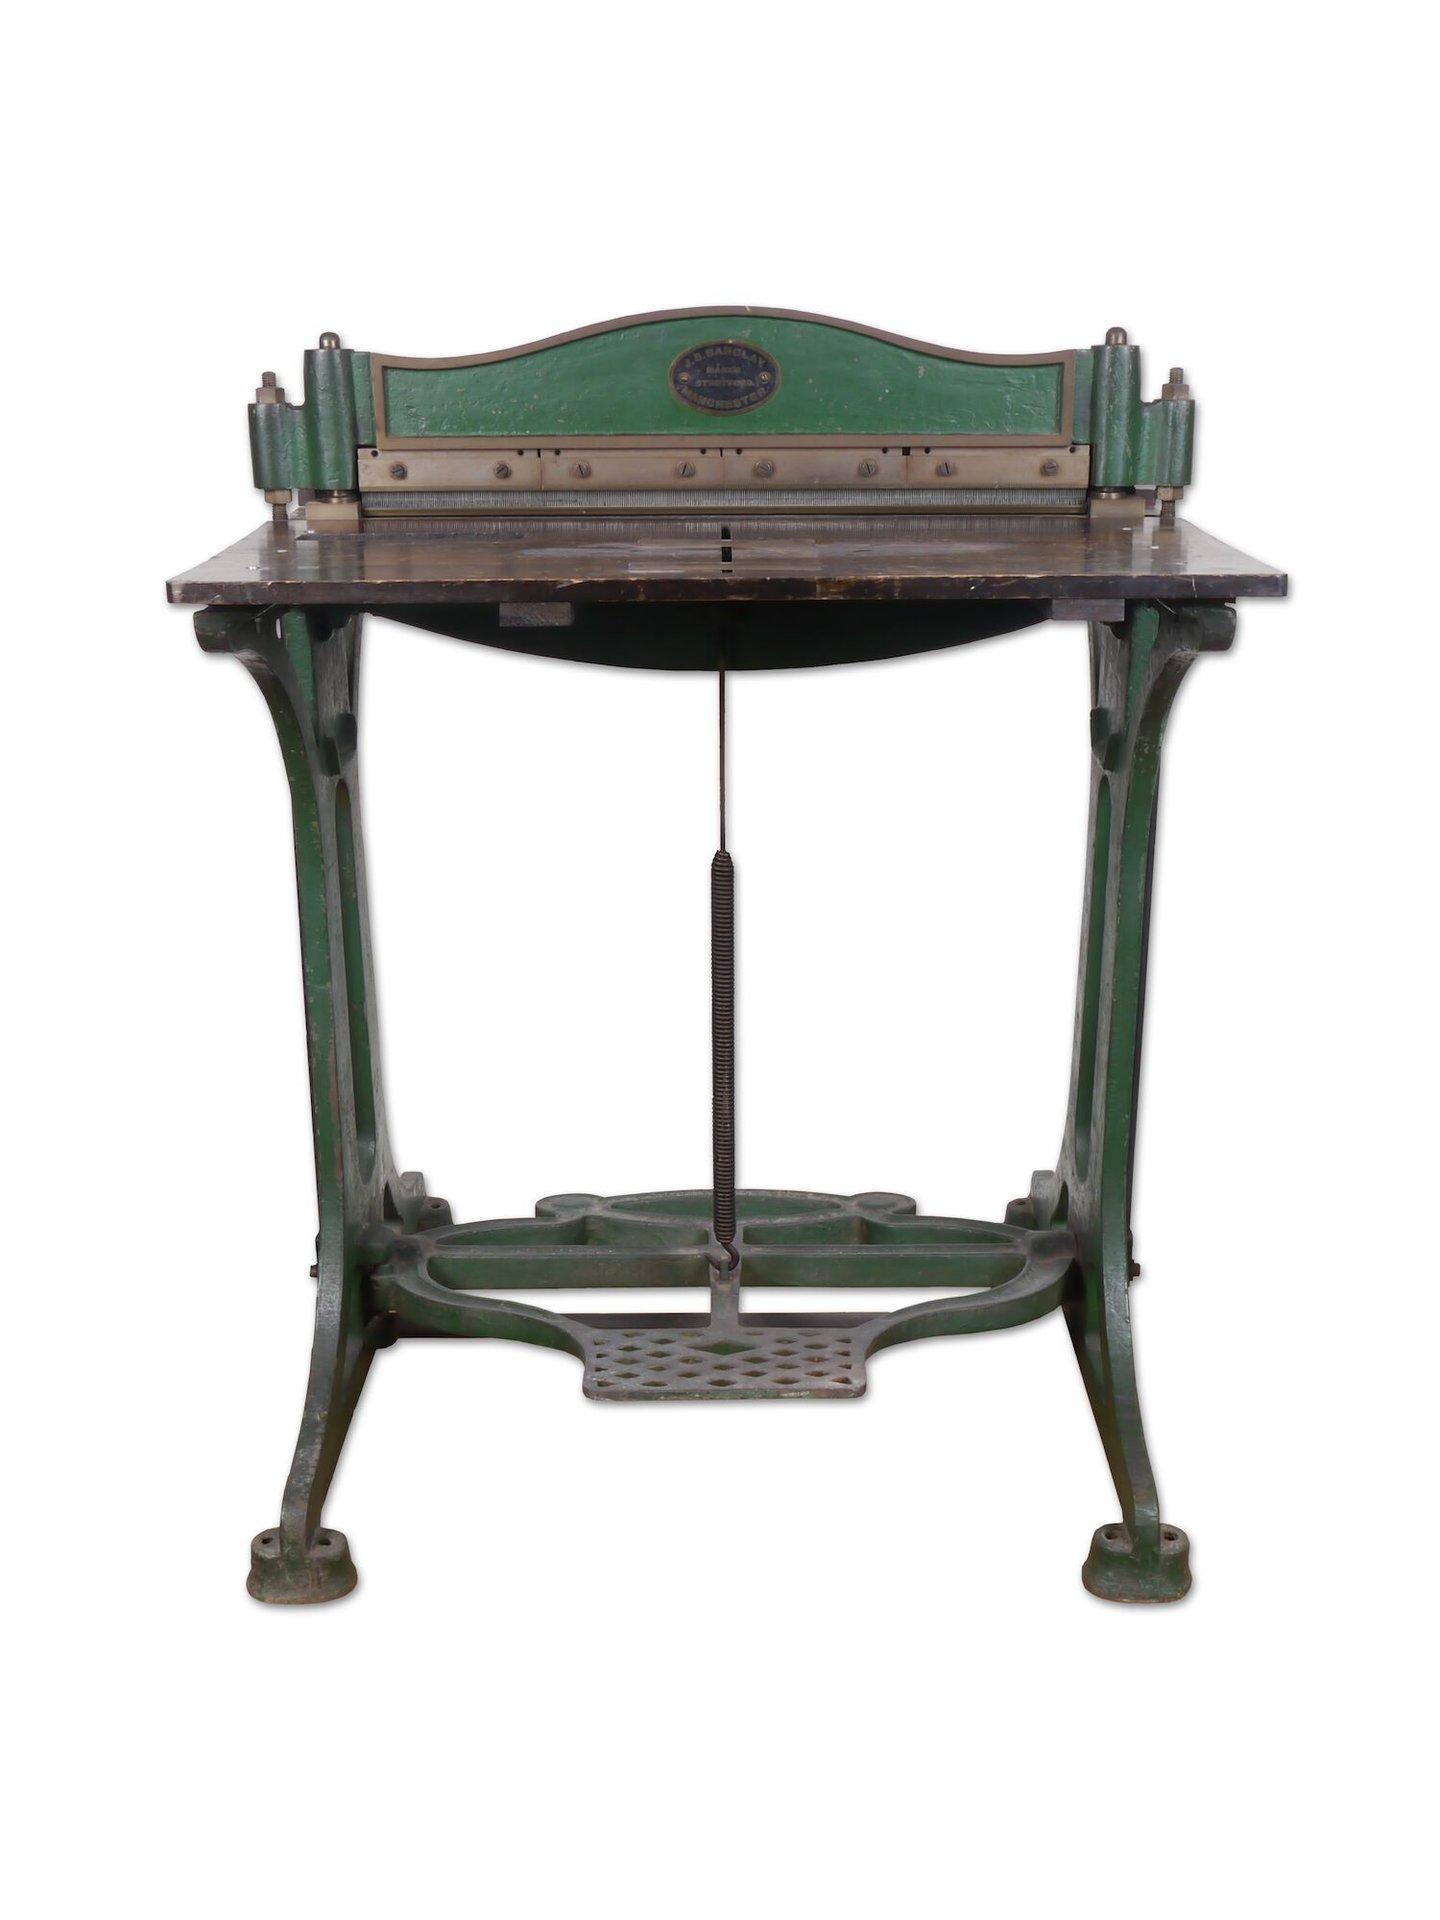 Perforatiemachine voor papier van het merk Barclay